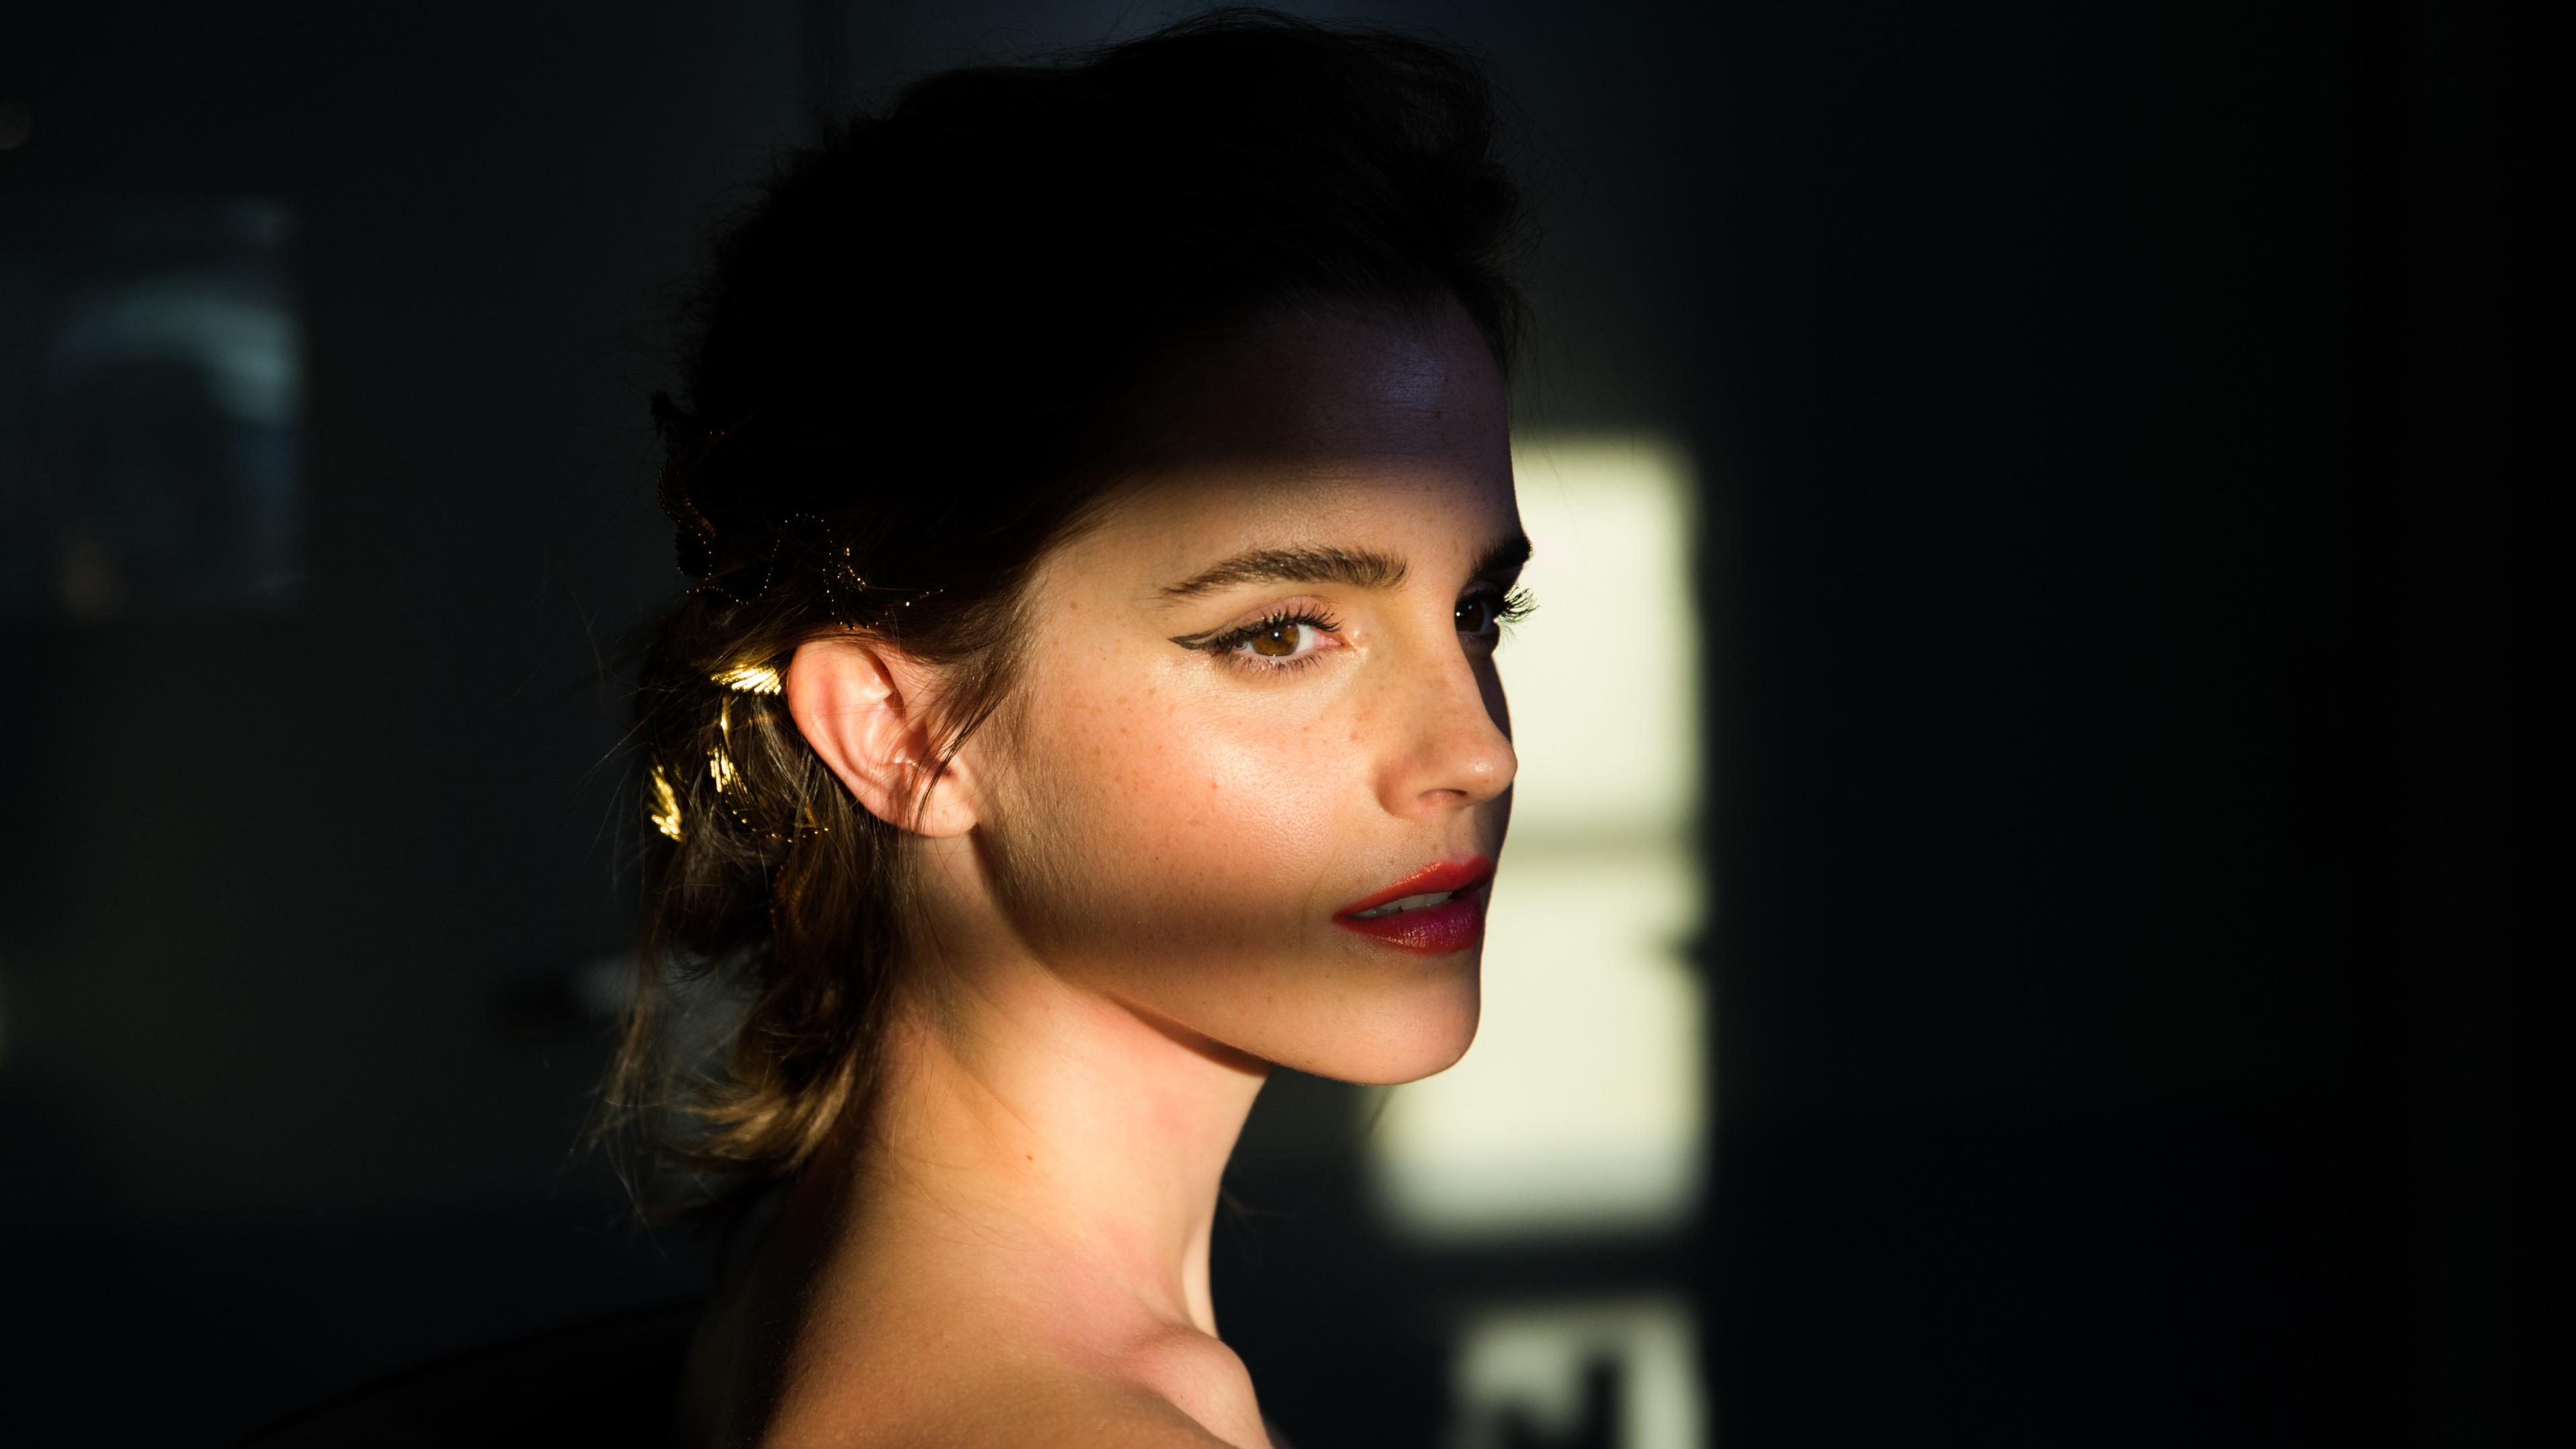 emma watson hd 4k 1536861387 - Emma Watson Hd 4k - hd-wallpapers, girls wallpapers, emma watson wallpapers, celebrities wallpapers, 5k wallpapers, 4k-wallpapers